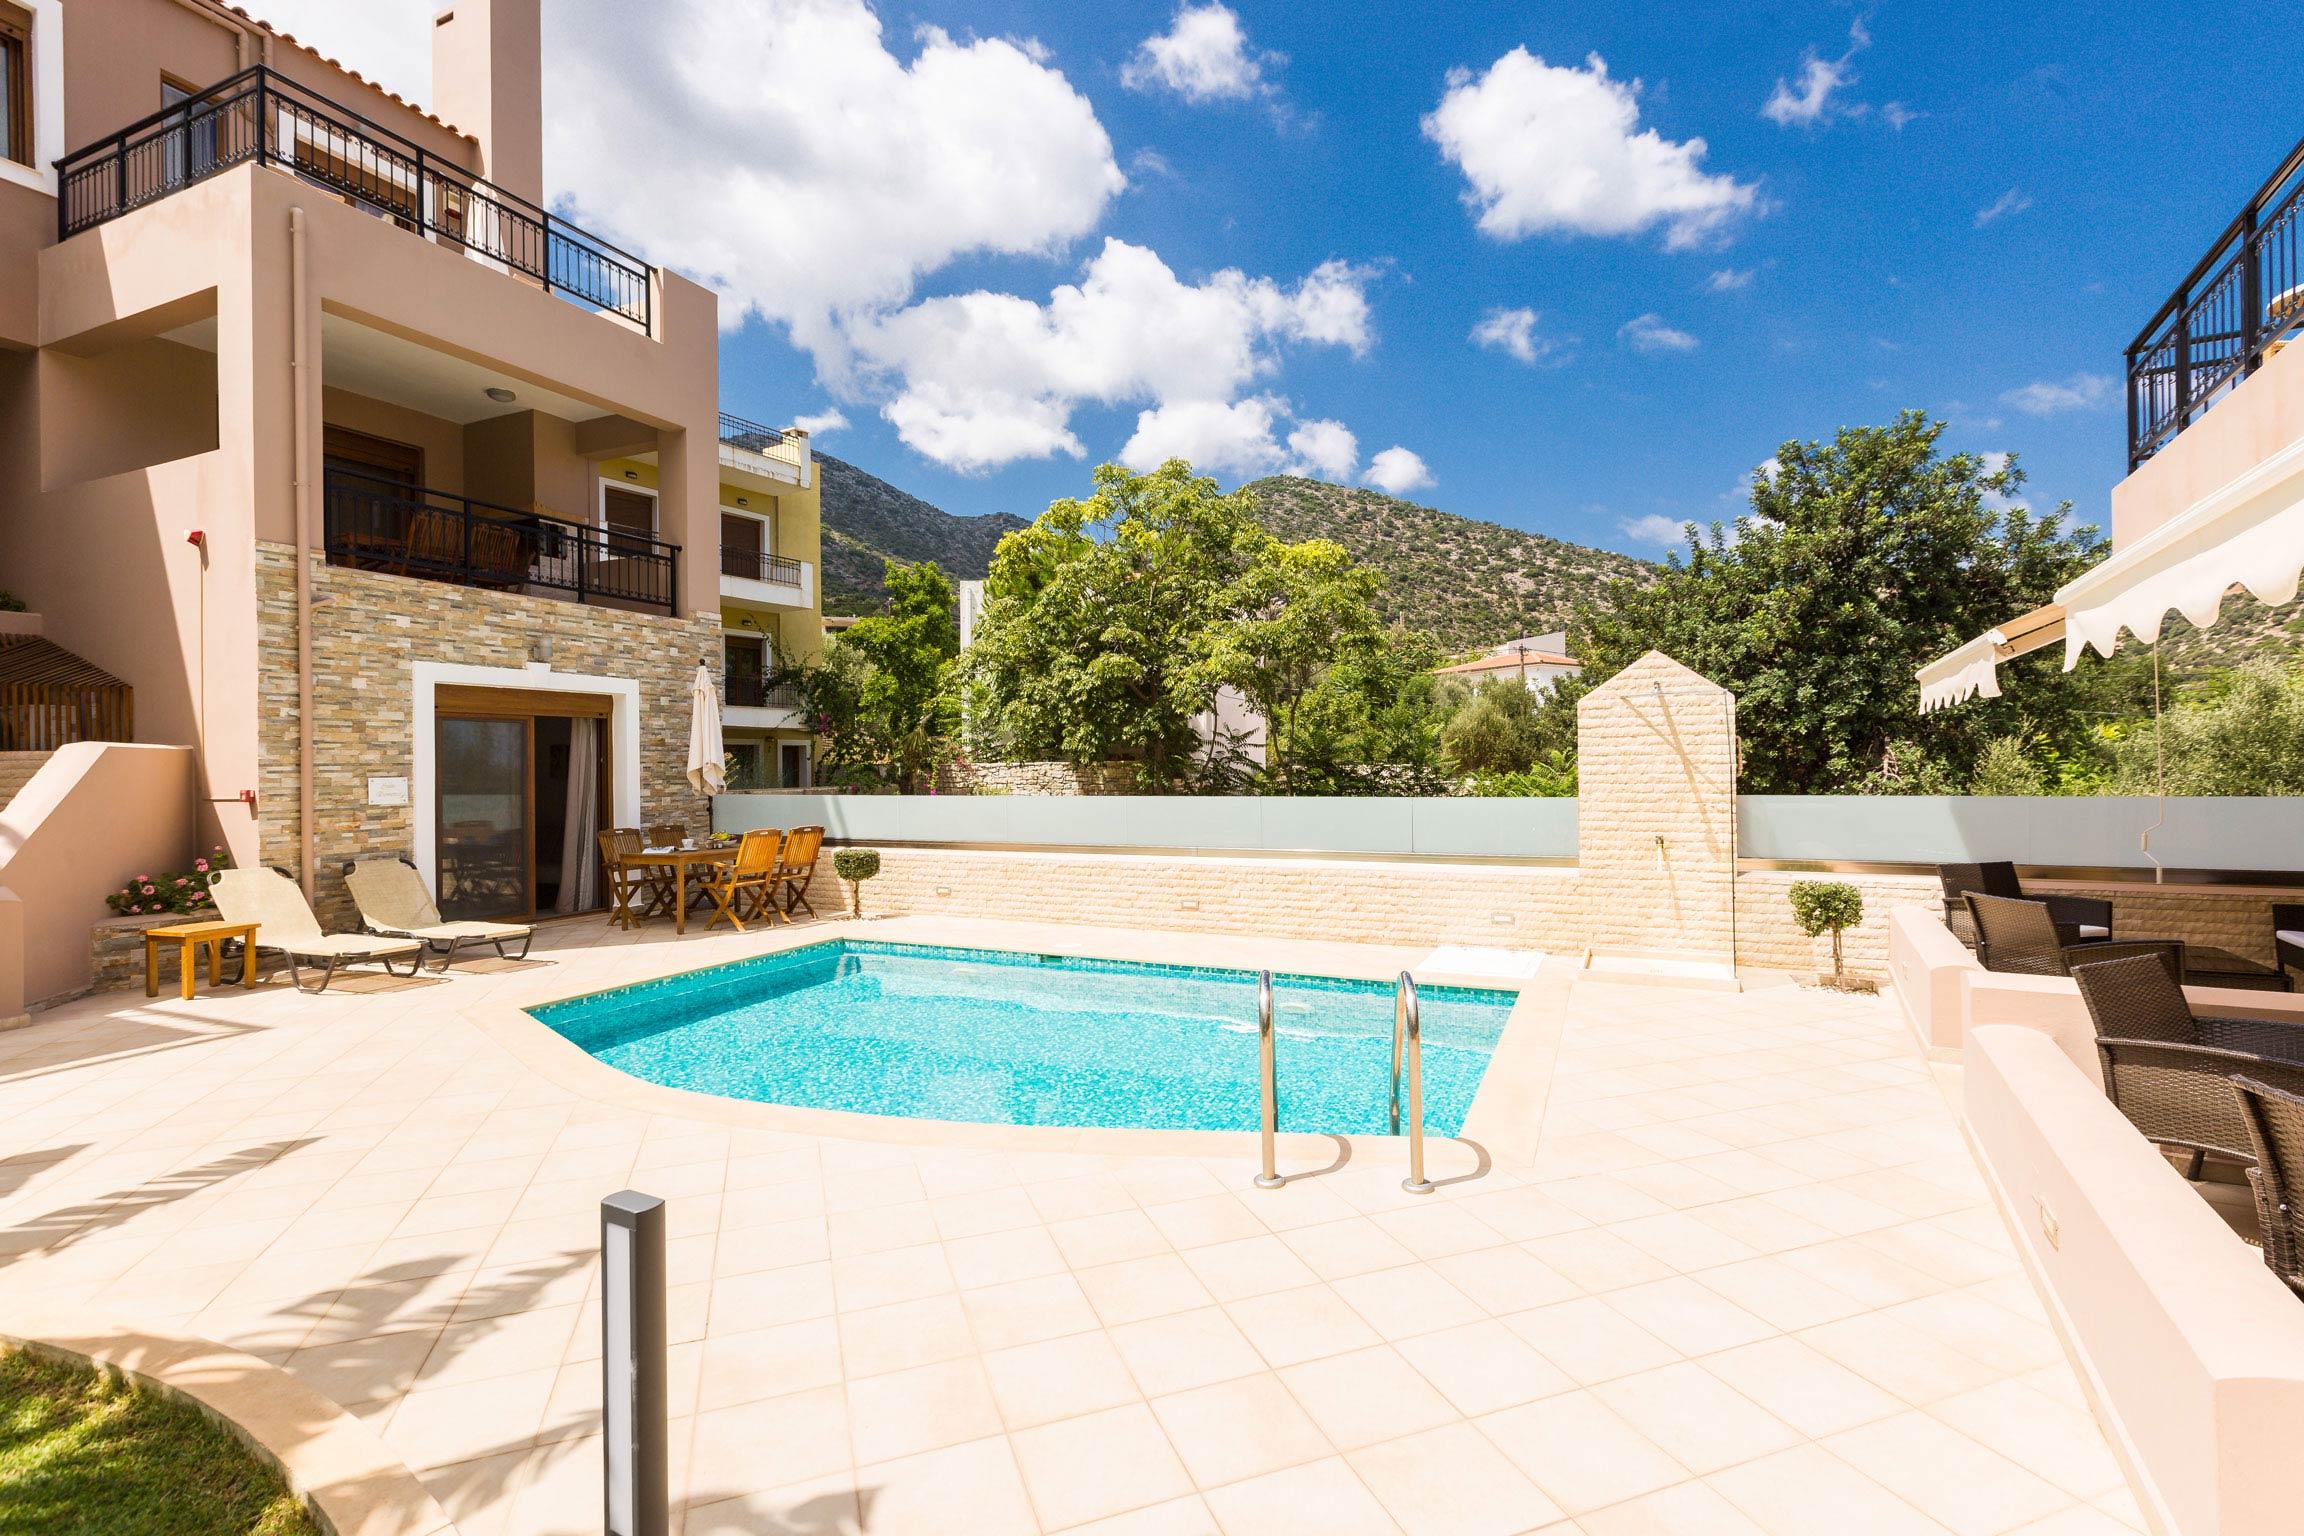 Ferienhaus Diese Villa auf zwei Ebenen ist der perfekte Ort, um in Rethymnon auf Kreta weh zu bleiben (2623387), Roumeli, Kreta Nordküste, Kreta, Griechenland, Bild 7